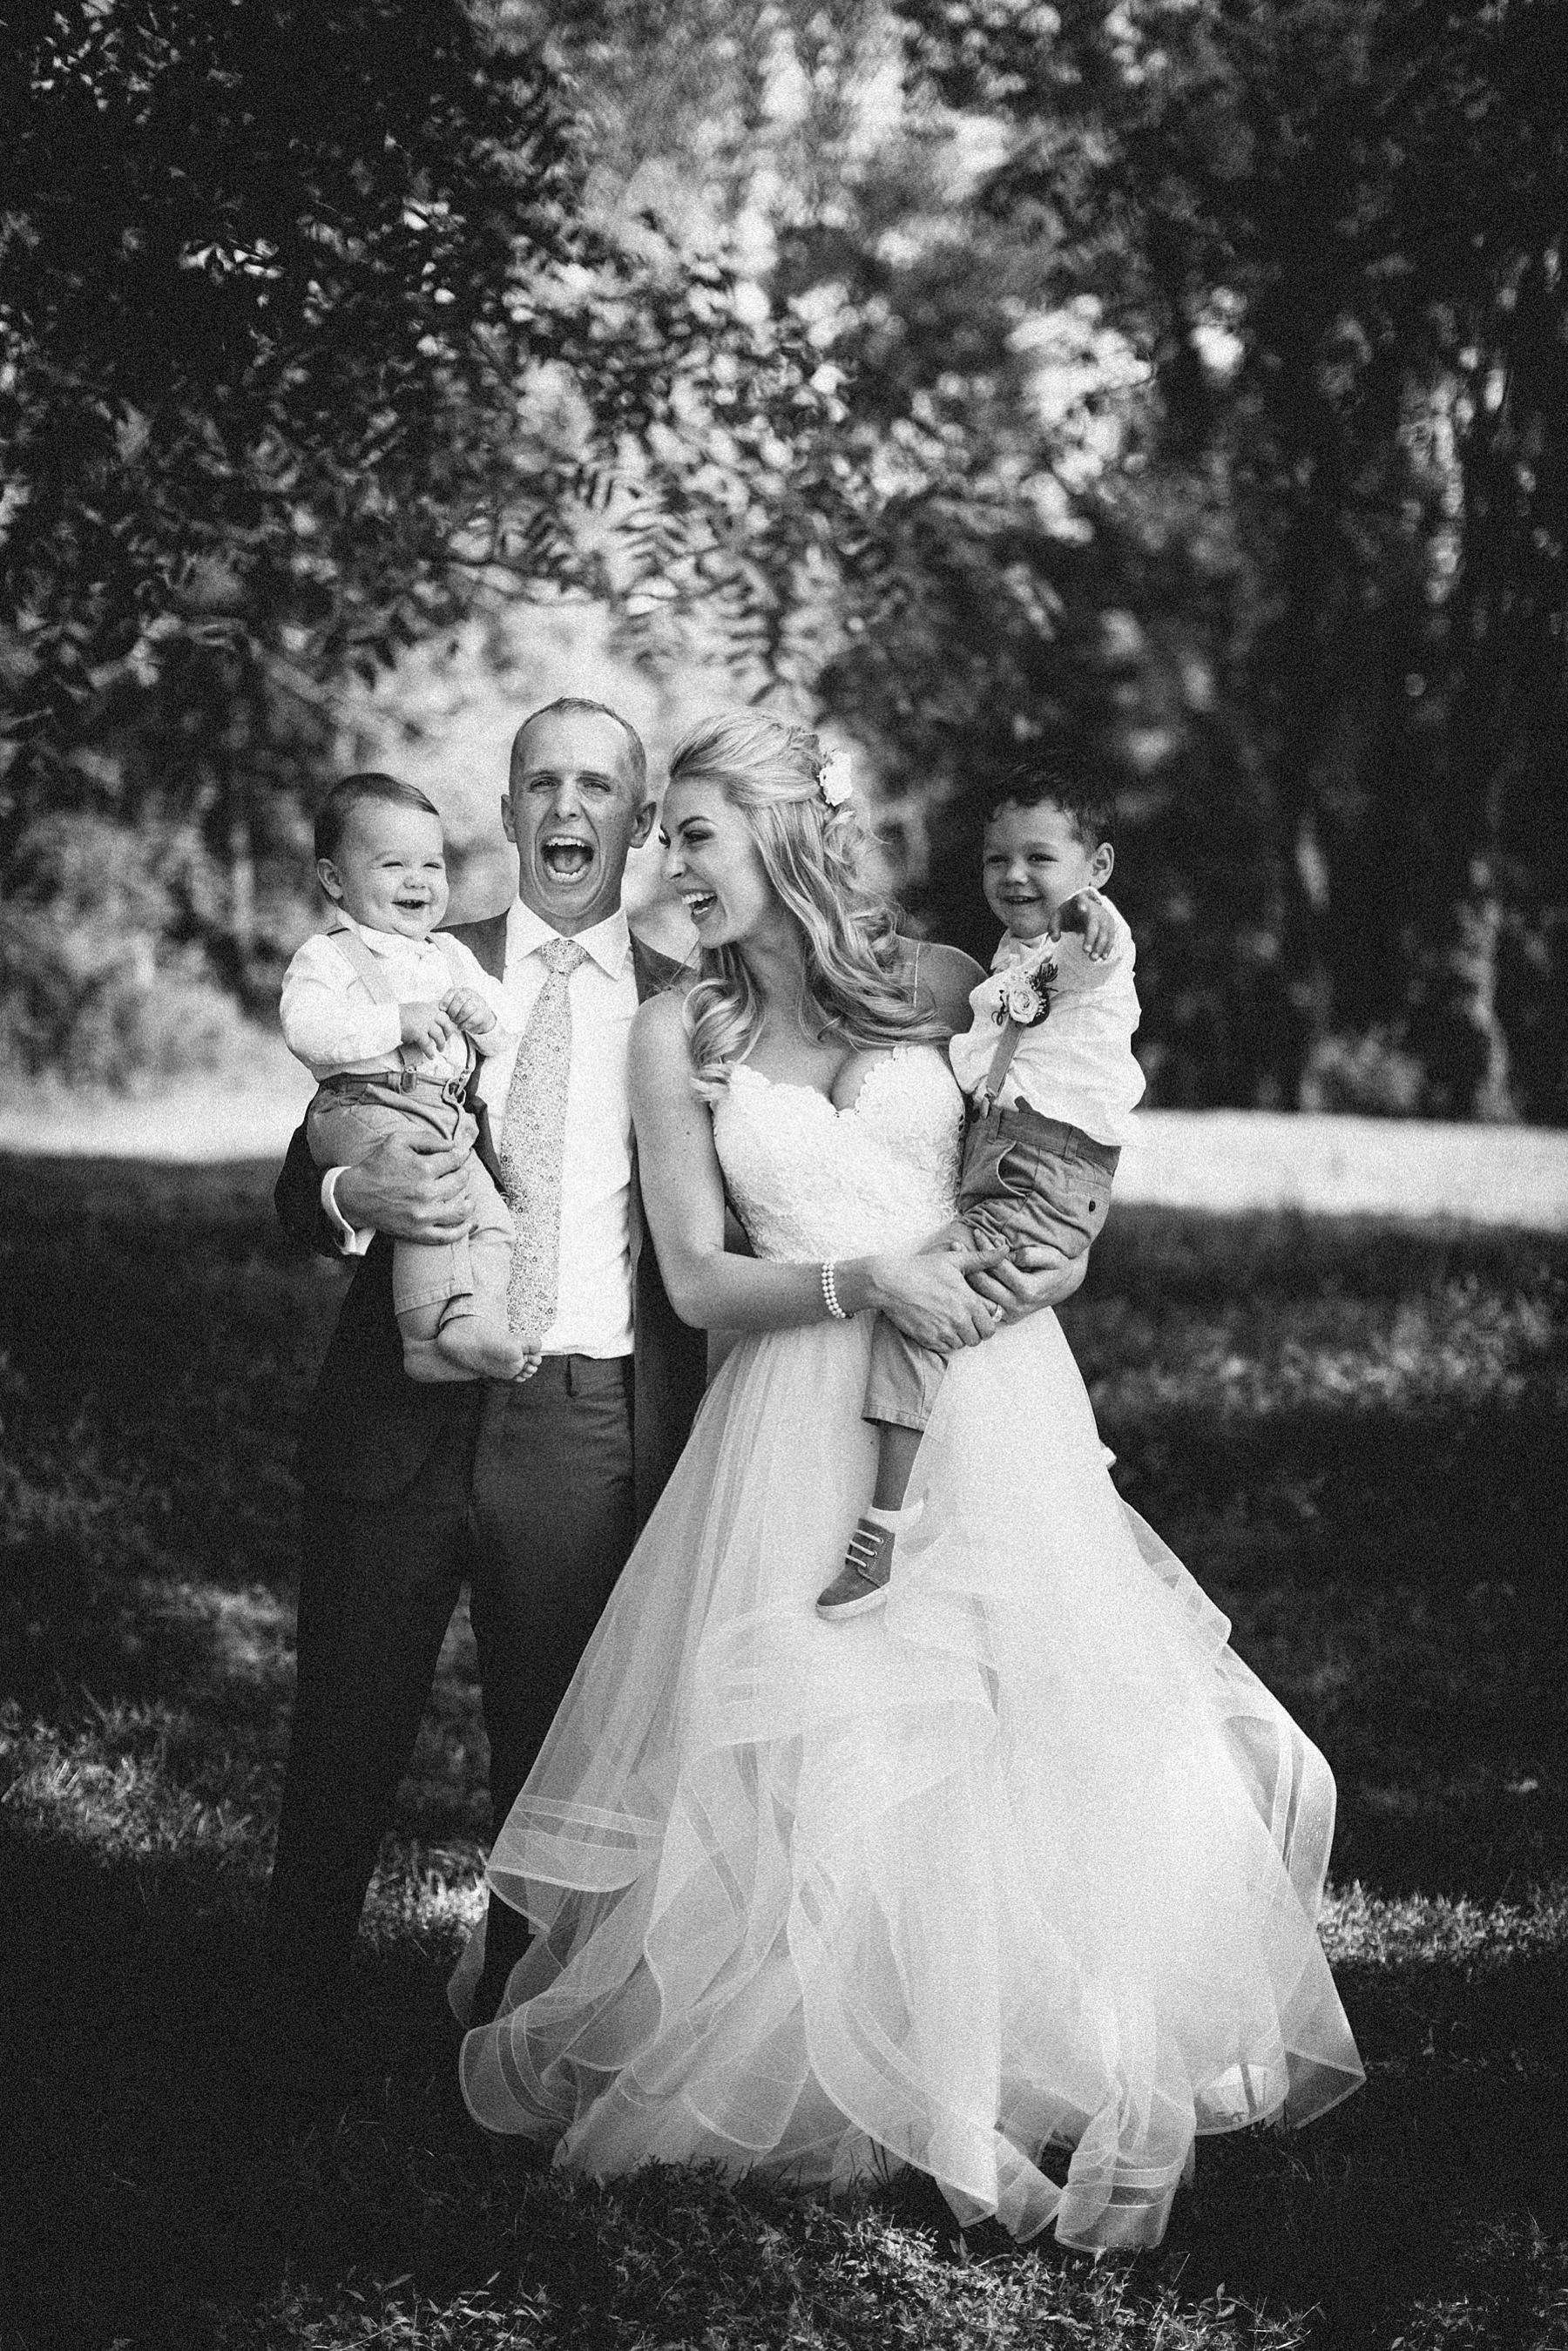 childhood-home-wedding-new-hope-pa-lambertville-nj_0044.jpg